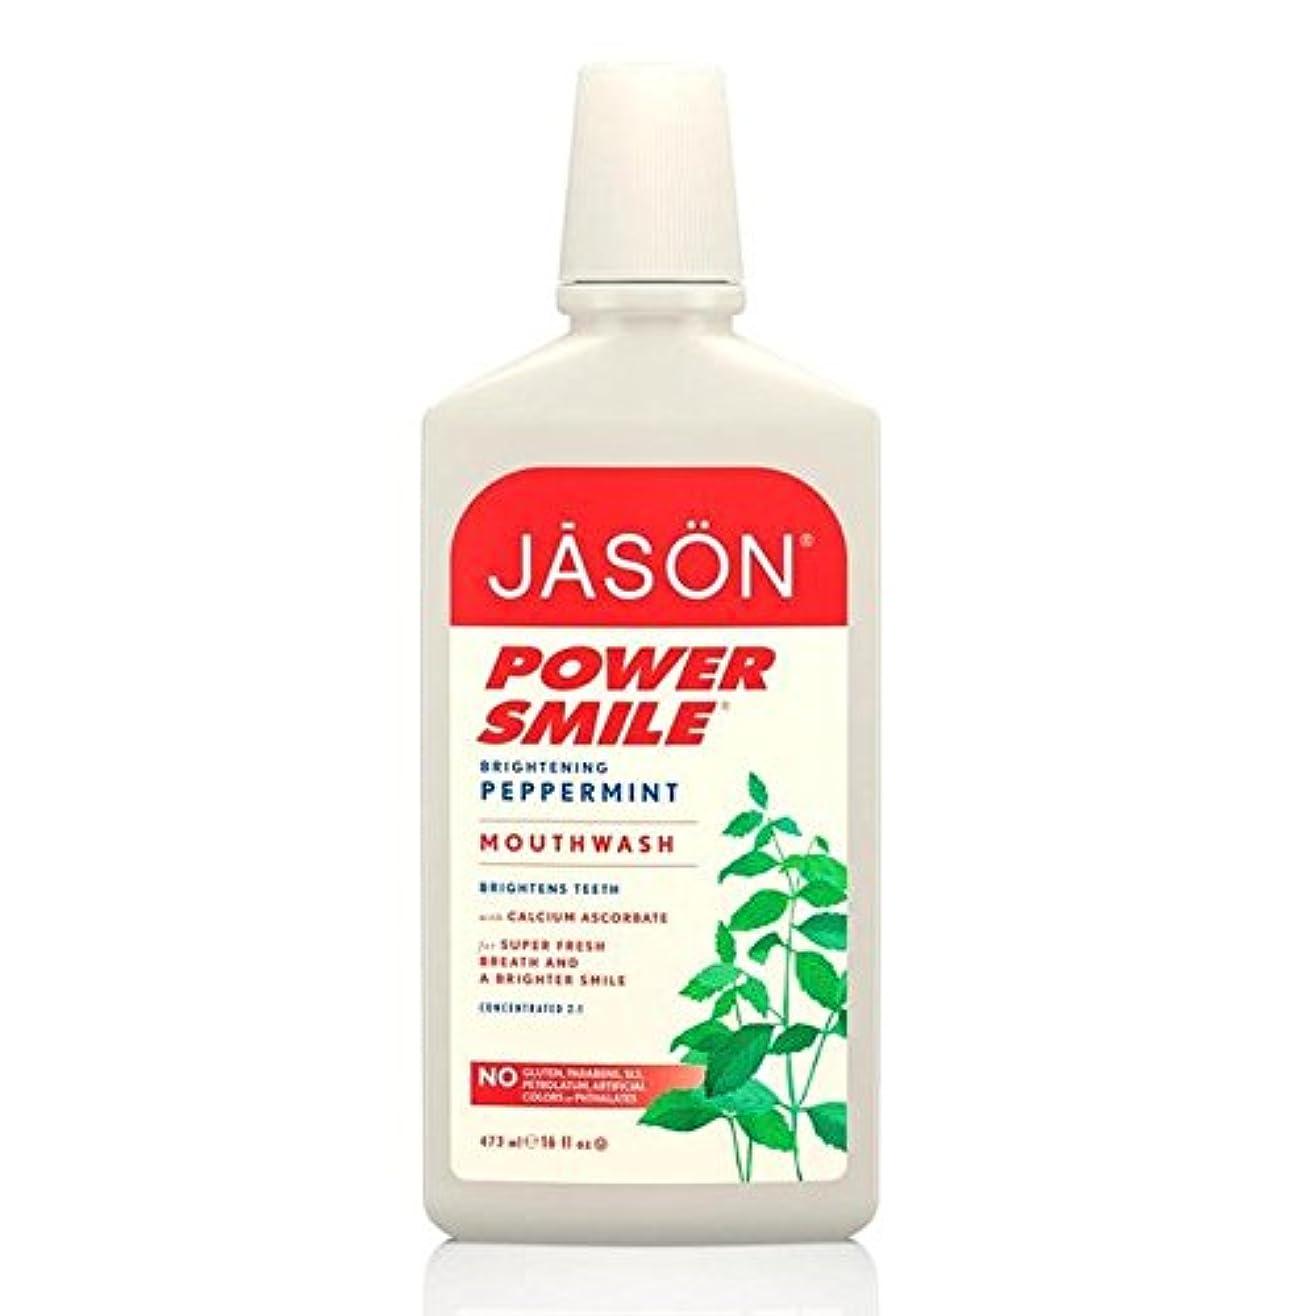 チャペル支払うお気に入りジェイソンマウスウォッシュ480ミリリットル x4 - Jason Powersmile Mouthwash 480ml (Pack of 4) [並行輸入品]